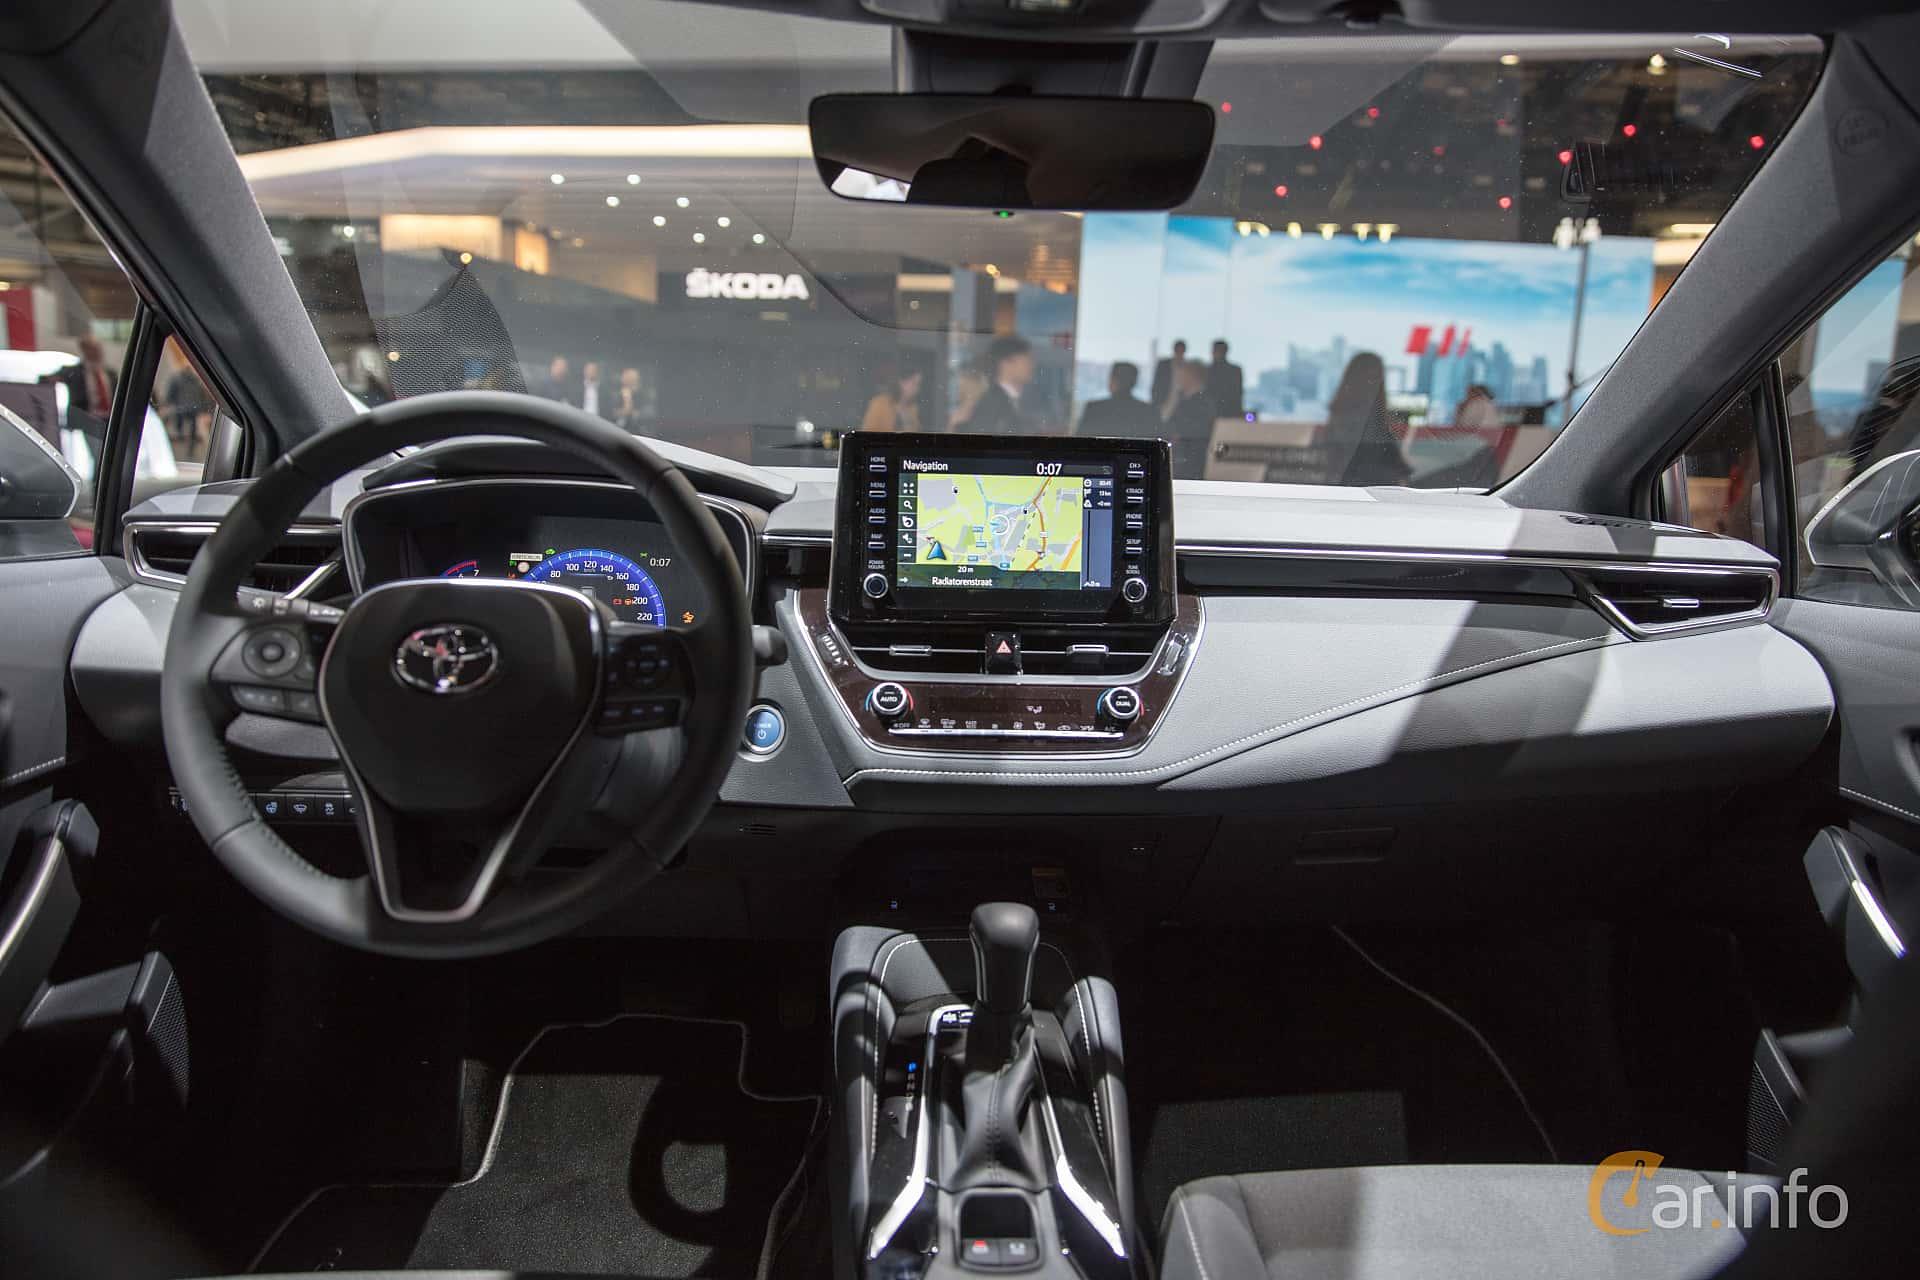 Interior Of Toyota Corolla Hybrid Station Wagon 1 8 Vvt I 3jm Cvt